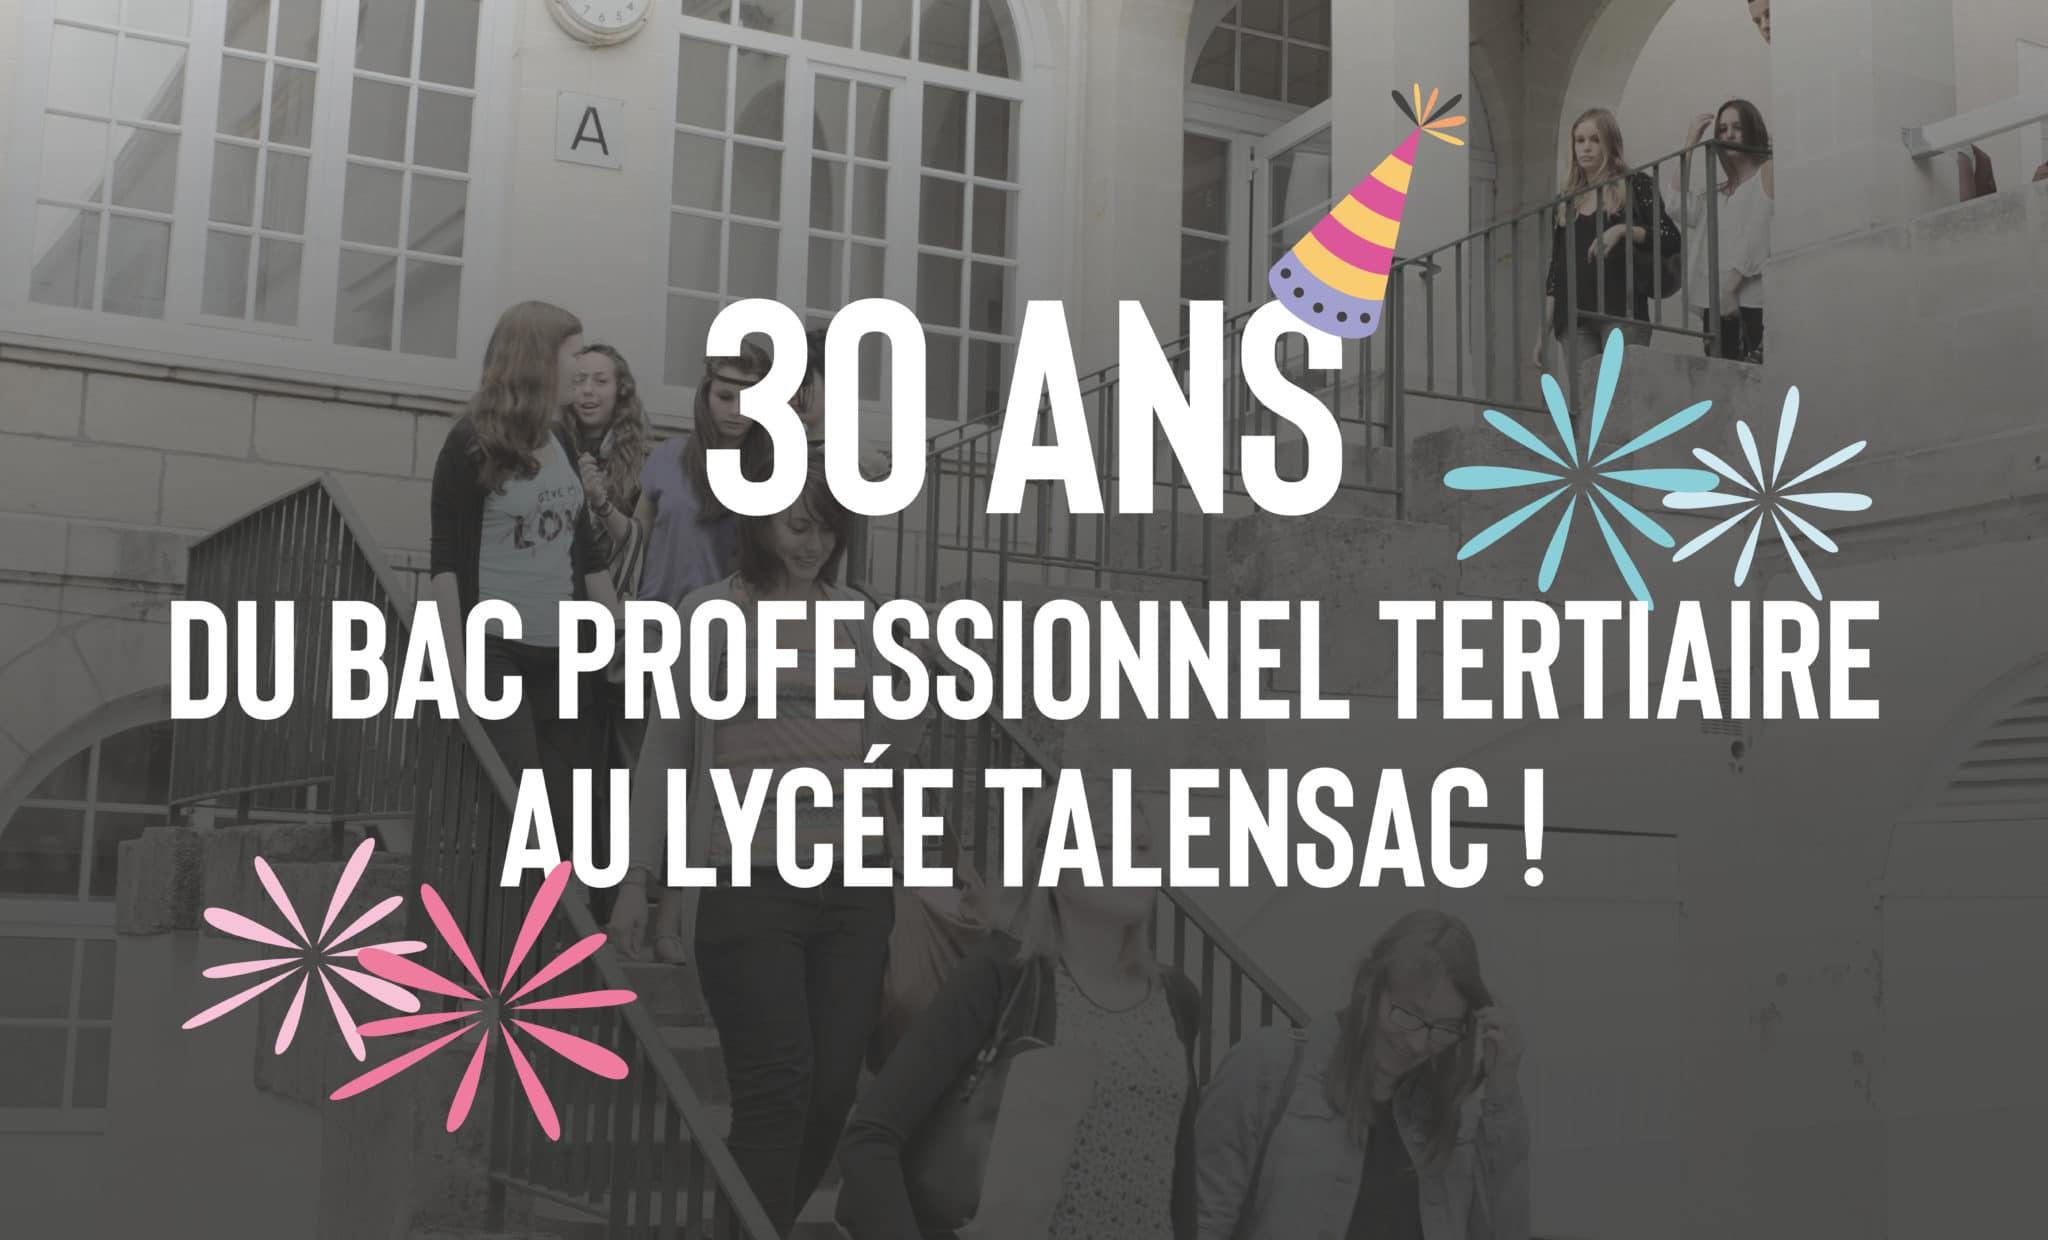 30 ans du BAC Professionnel tertiaire au Lycée Talensac !